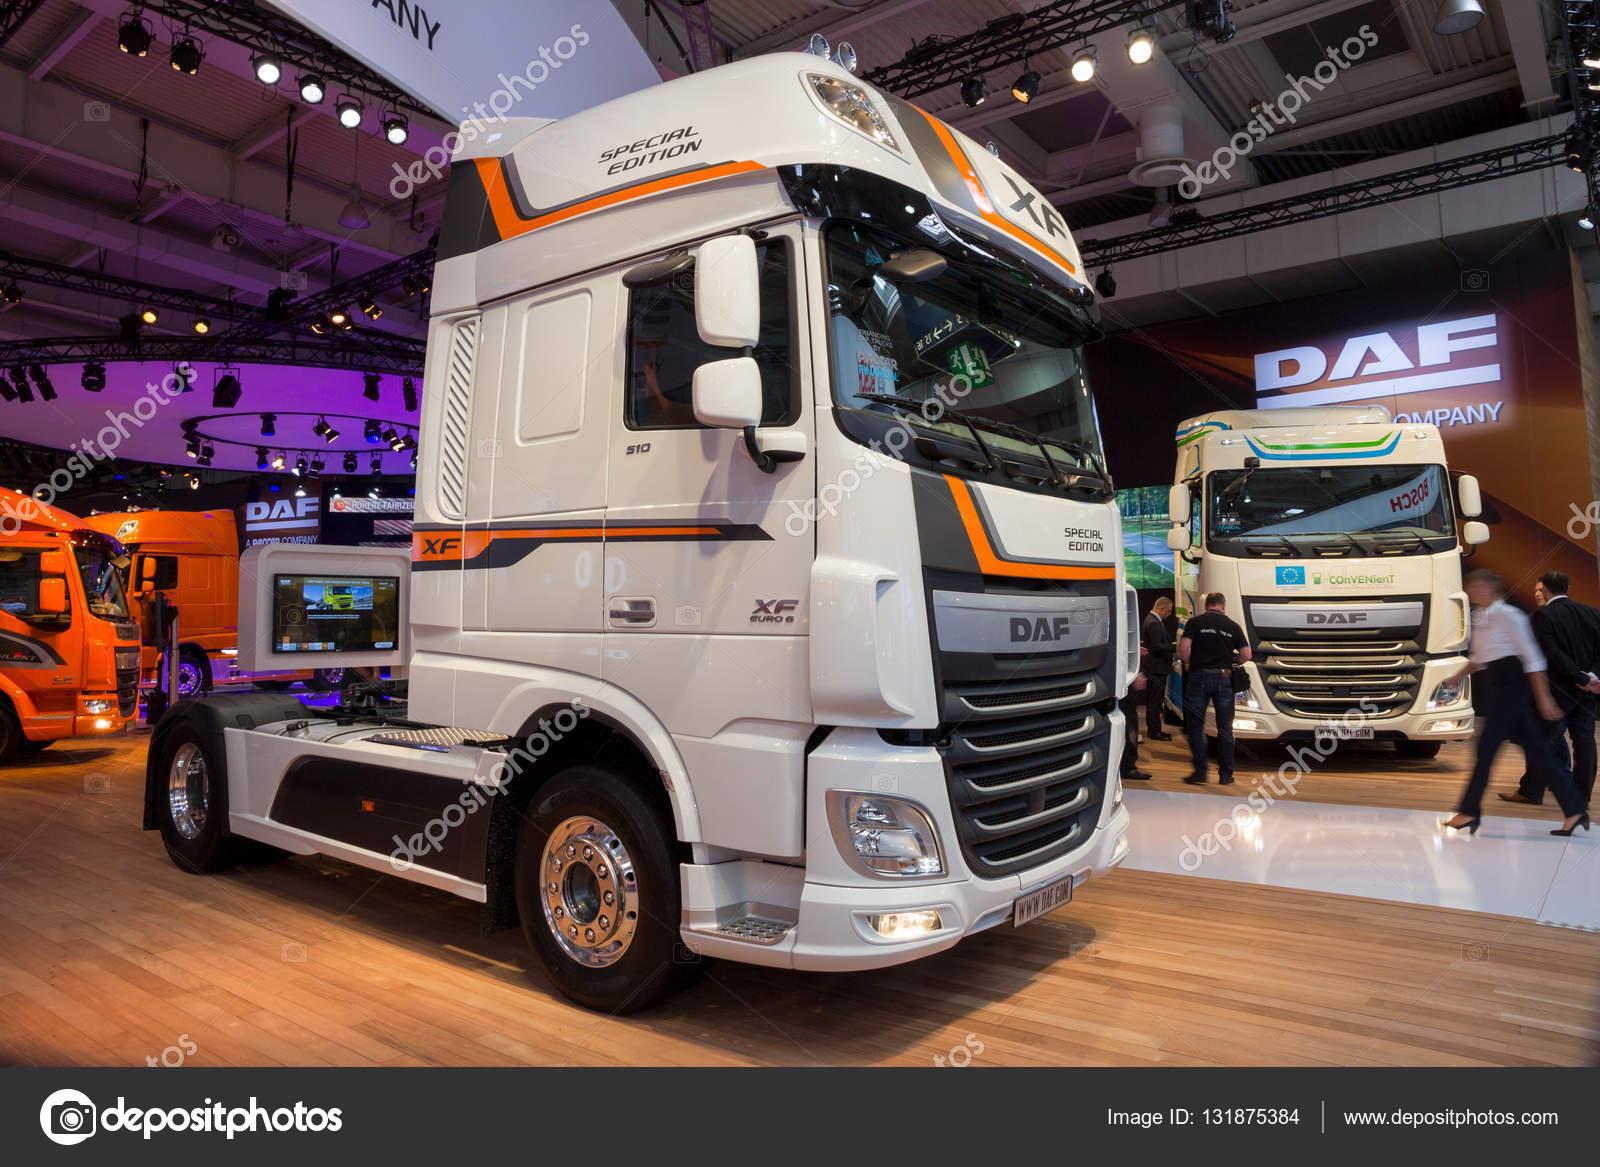 Foto daf xf euro 6 | DAF XF Euro 6 510 – Stock Editorial